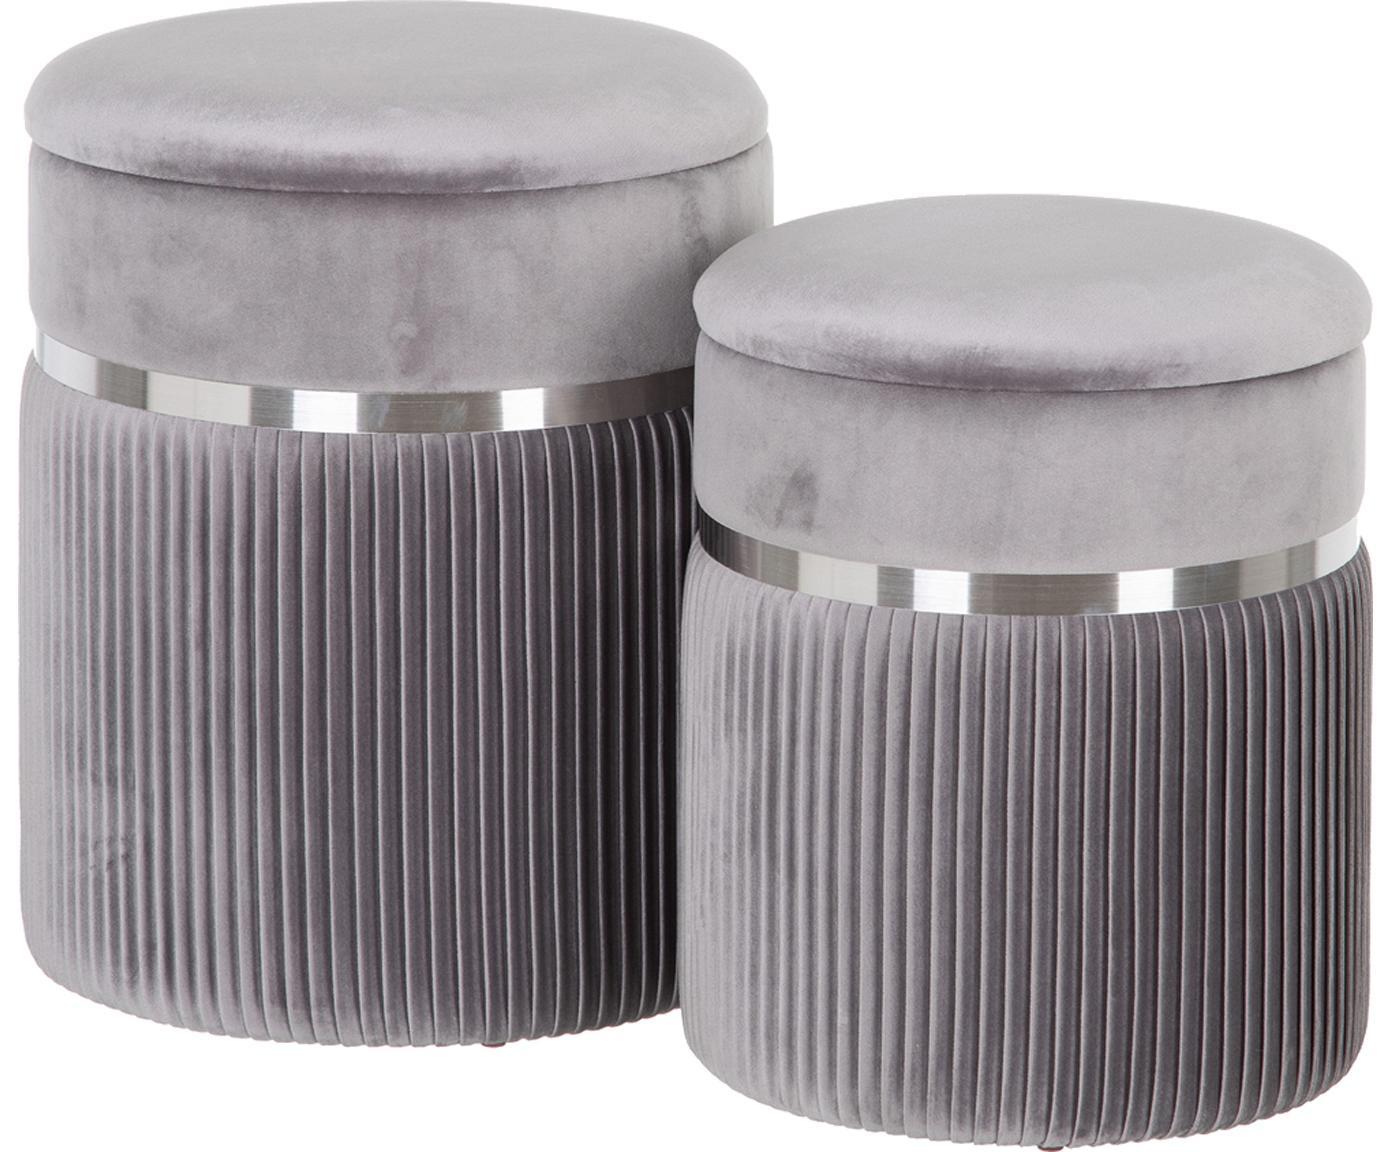 Set 2 pouf contenitori in velluto Chest, Rivestimento: poliestere (velluto), Sottostruttura: legno, Grigio, argentato, Diverse dimensioni